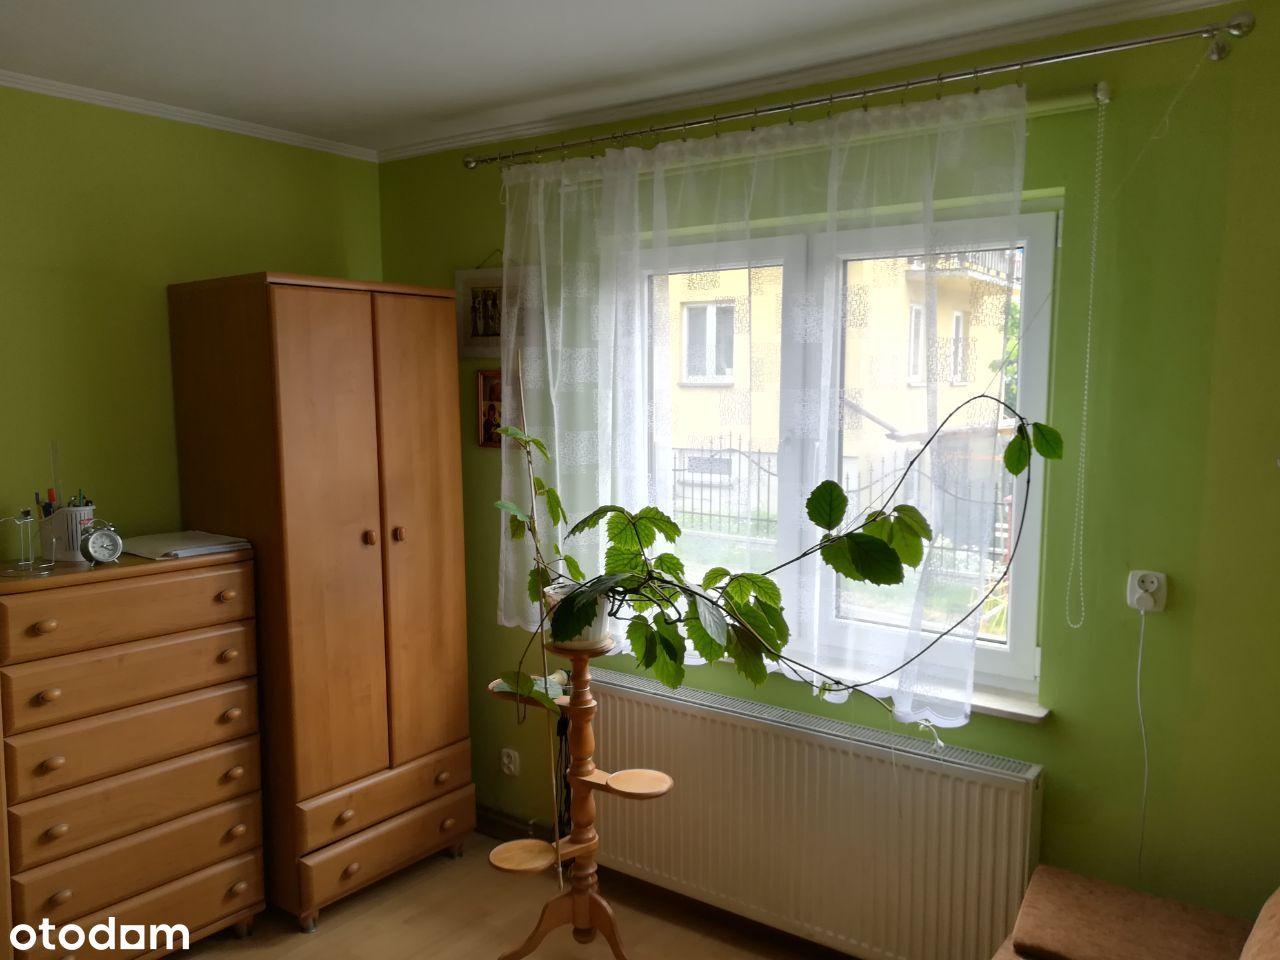 Dom jednorodzinny Szczebrzeszyn